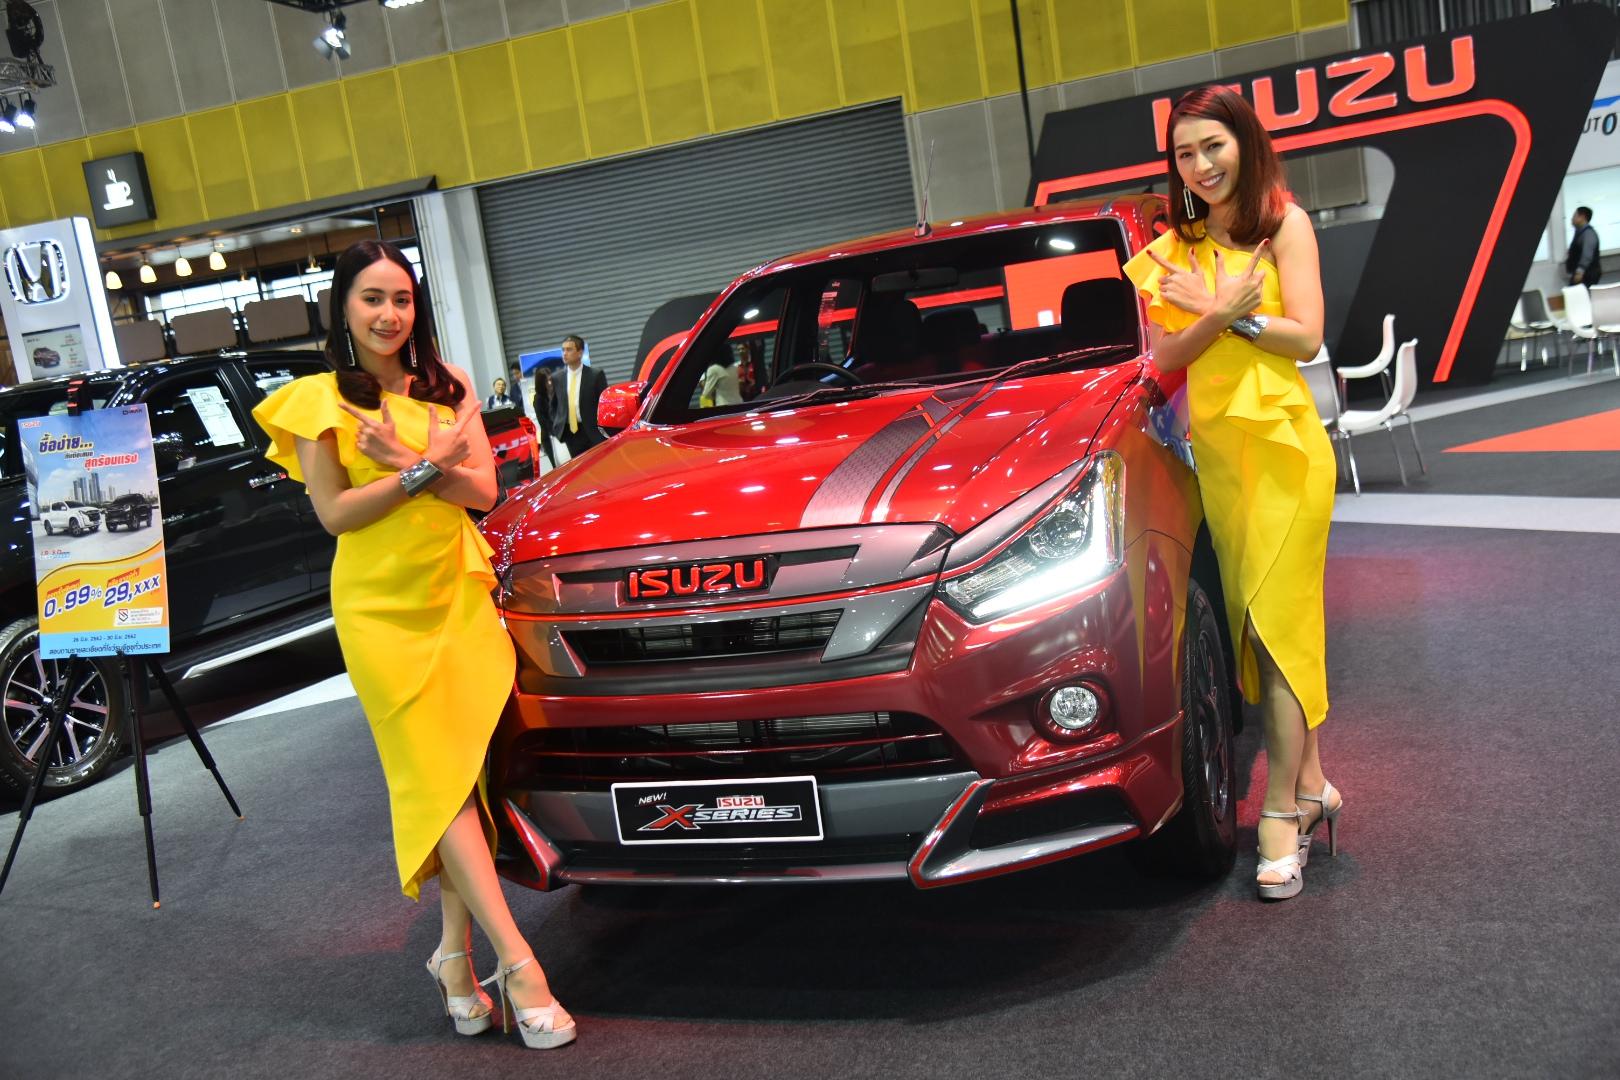 """อีซูซุ นำทัพ """"มิว-เอ็กซ์"""" รุ่นพิเศษ พร้อม  """"อีซูซุบลูเพาเวอร์"""" หลากรุ่น แจม """"FAST Auto Show Thailand 2019"""""""